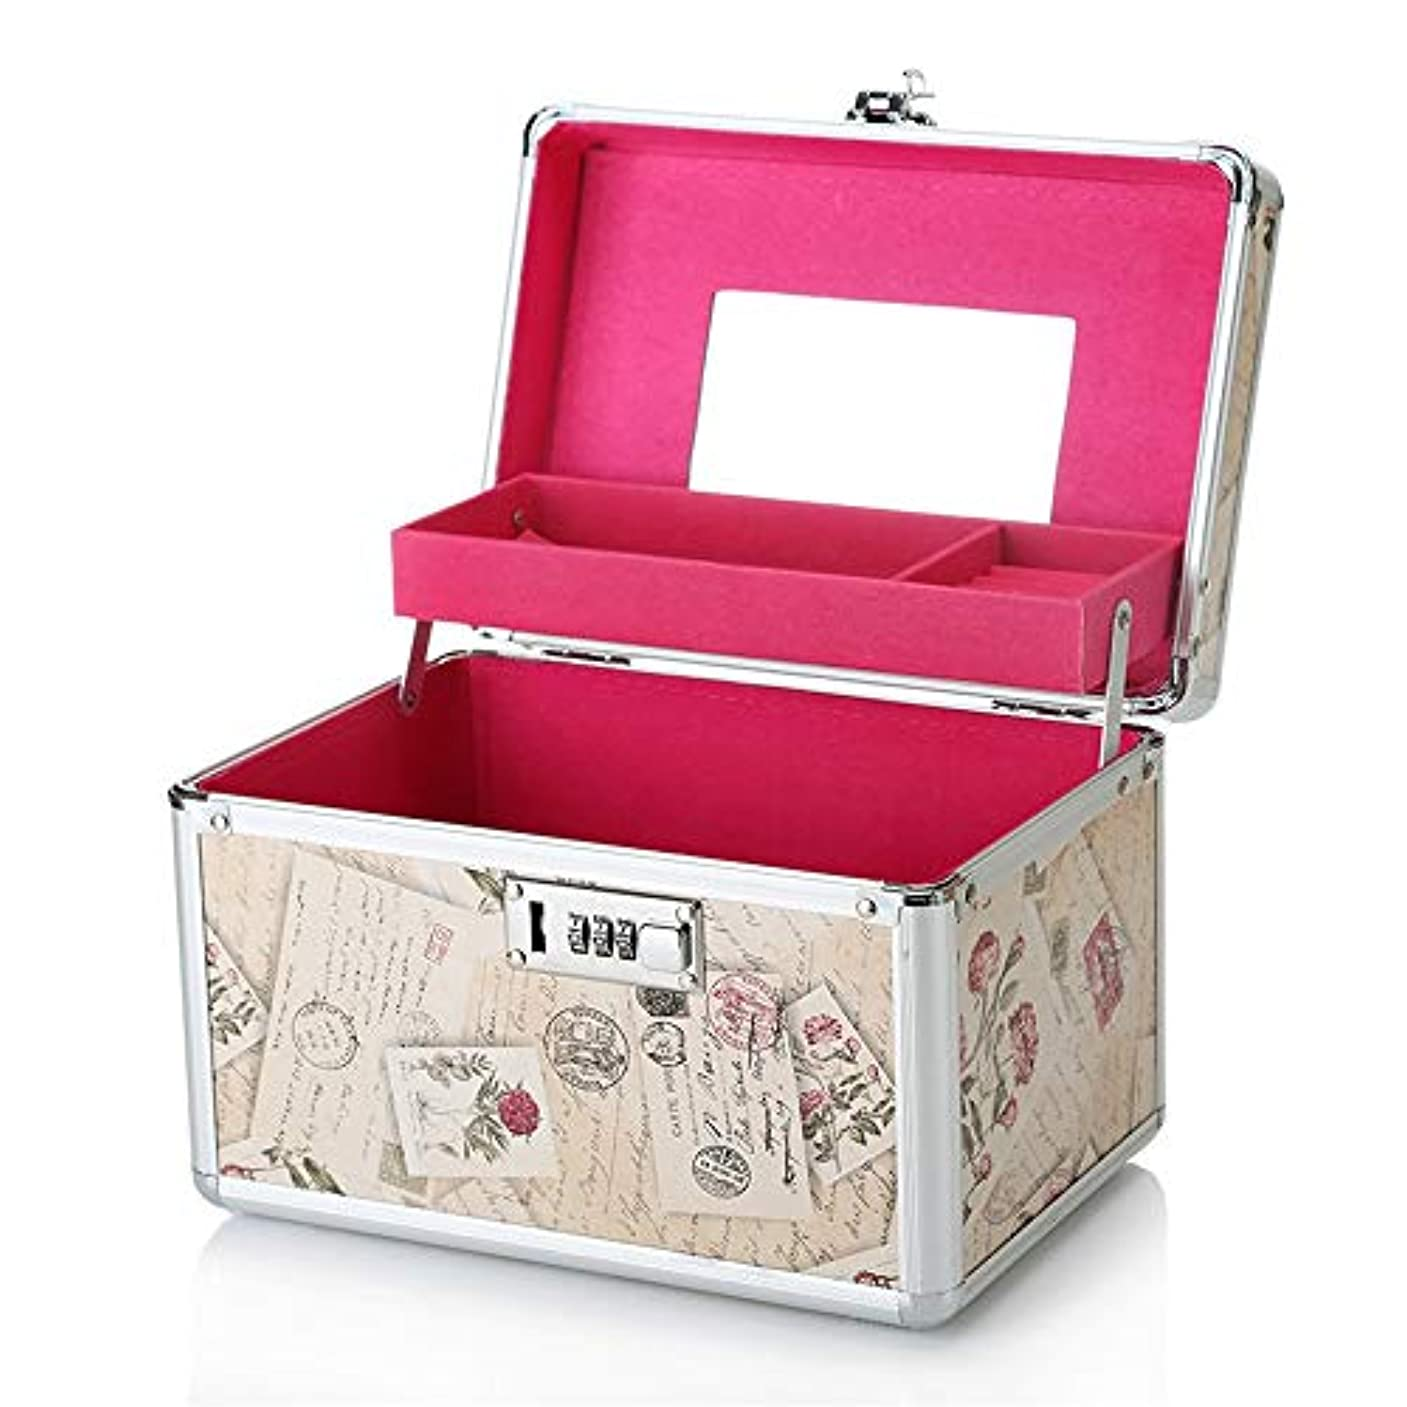 奨励観点セブン特大スペース収納ビューティーボックス 美の構造のためそしてジッパーおよび折る皿が付いている女の子の女性旅行そして毎日の貯蔵のための高容量の携帯用化粧品袋 化粧品化粧台